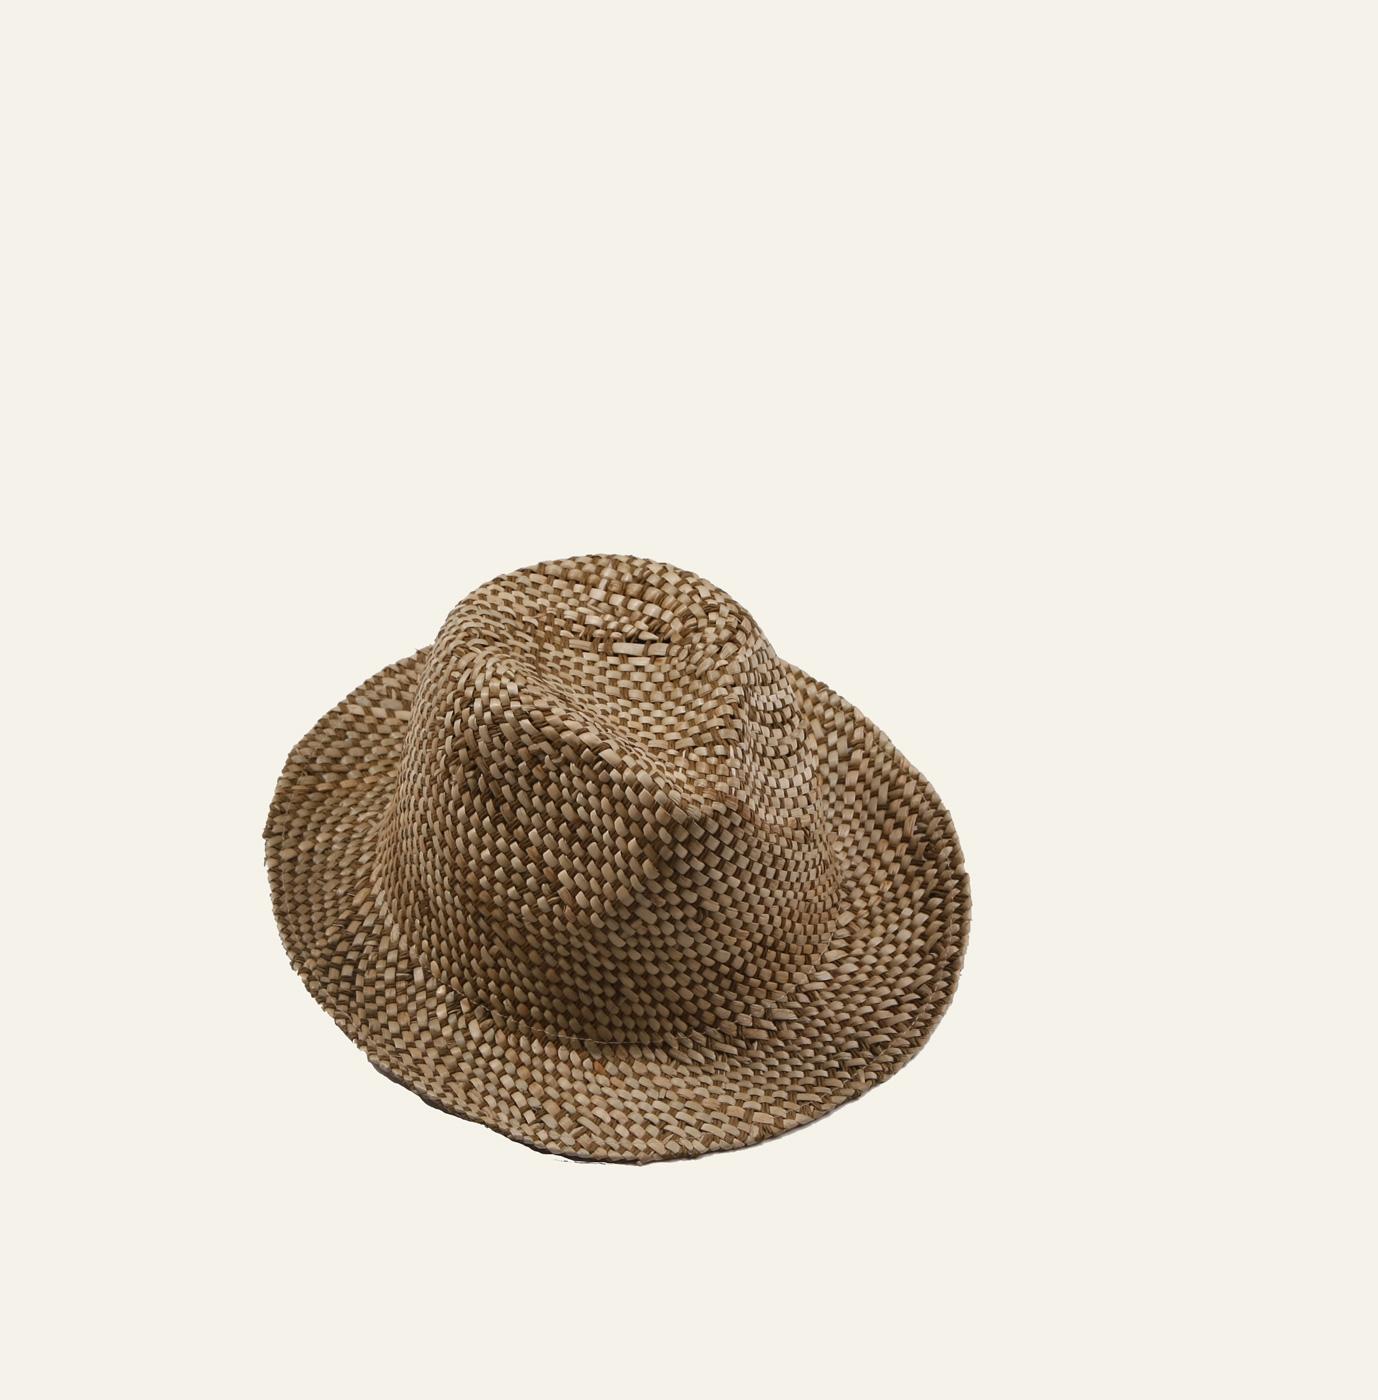 Dámsky letní slaměný klobouk Kbas hnědý 6623316c21